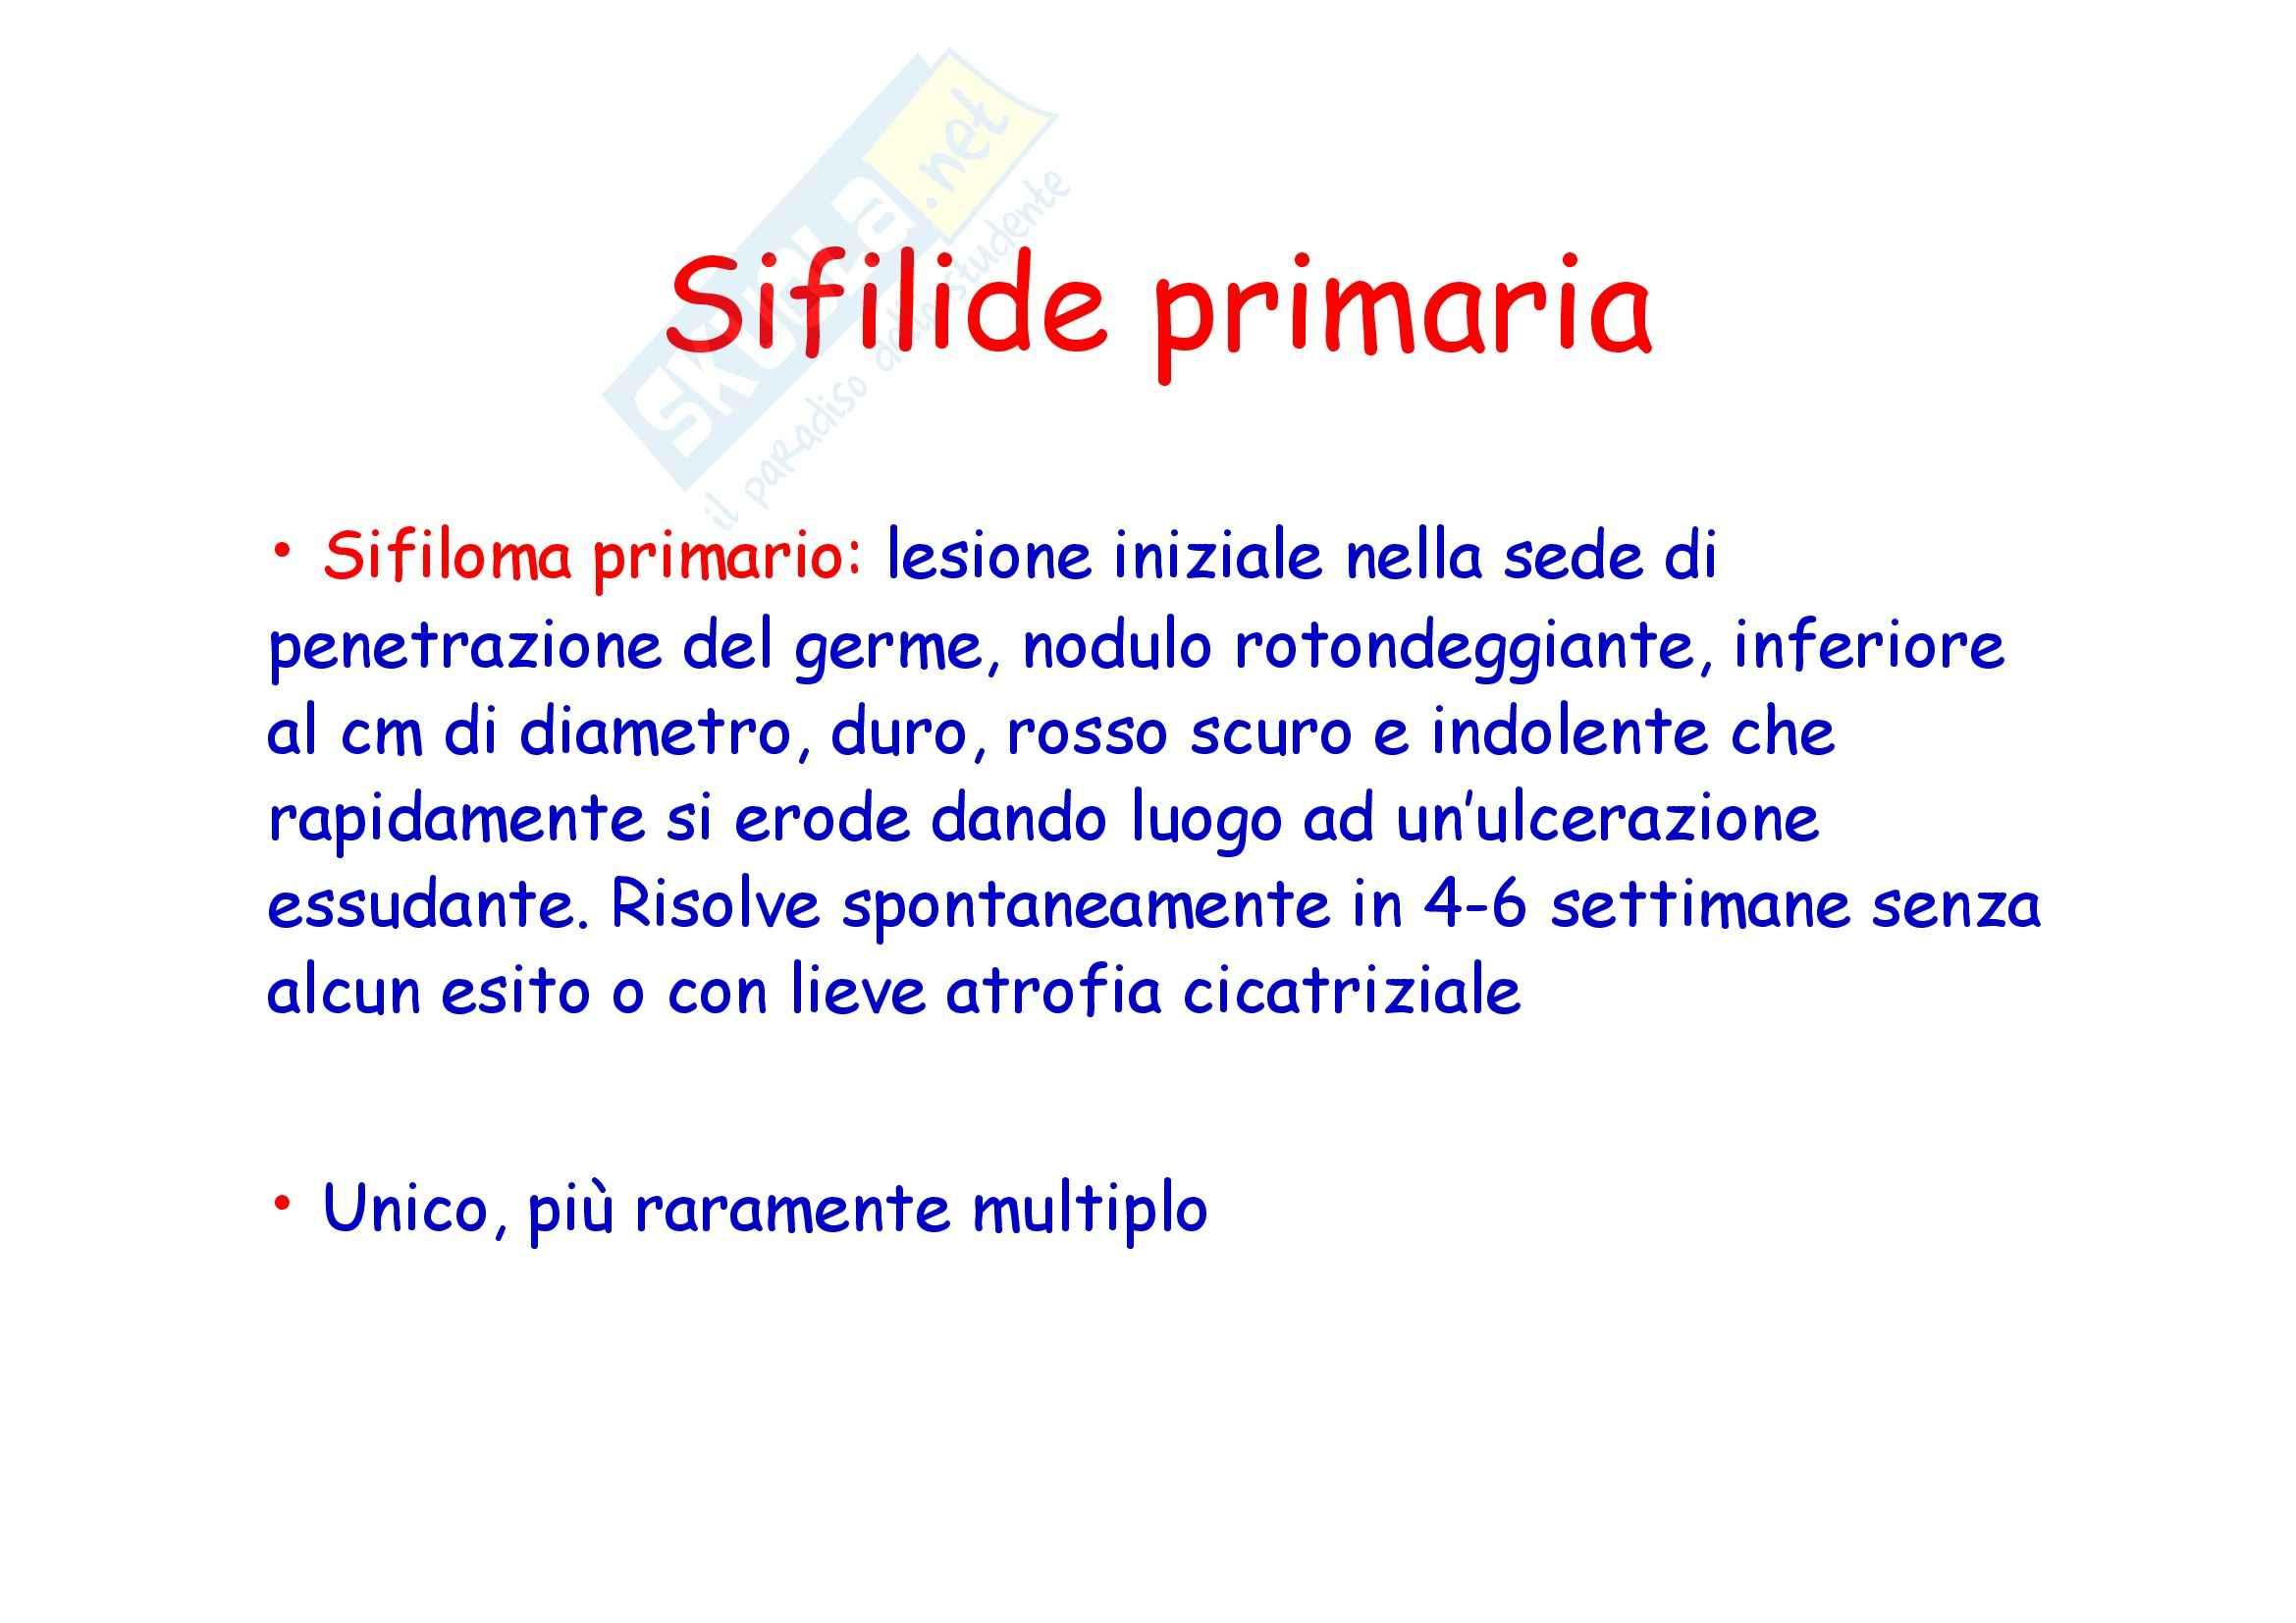 Dermatologia e chirurgia plastica - la sifilide Pag. 6